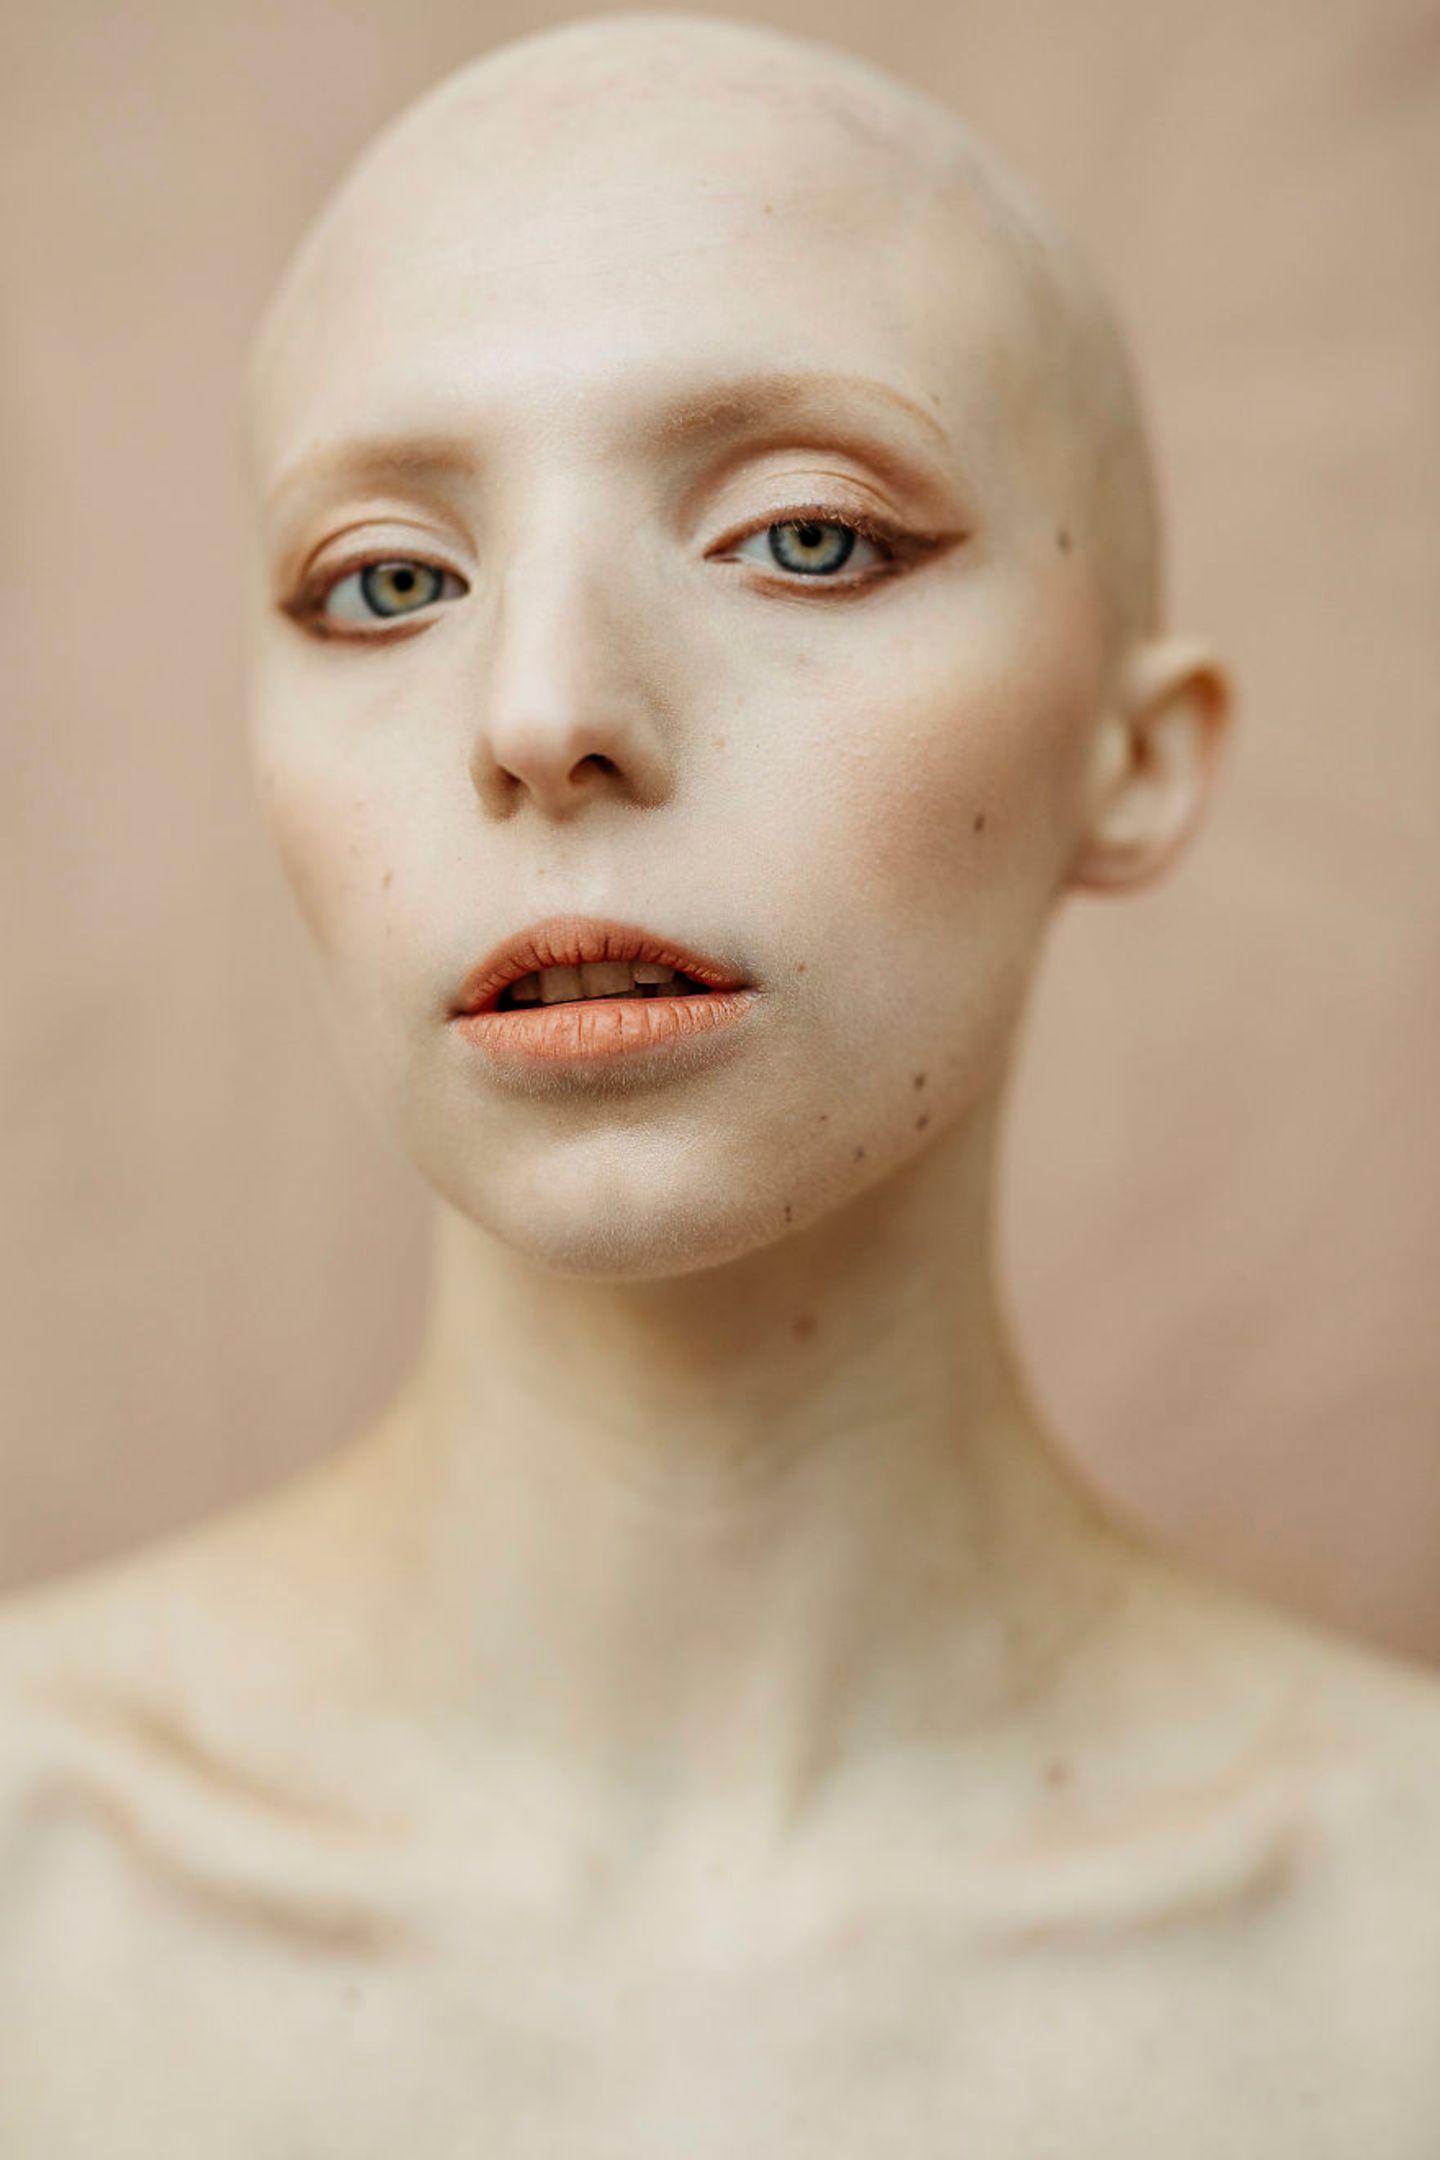 Frauen mit Handicap: Frau ohne Haare